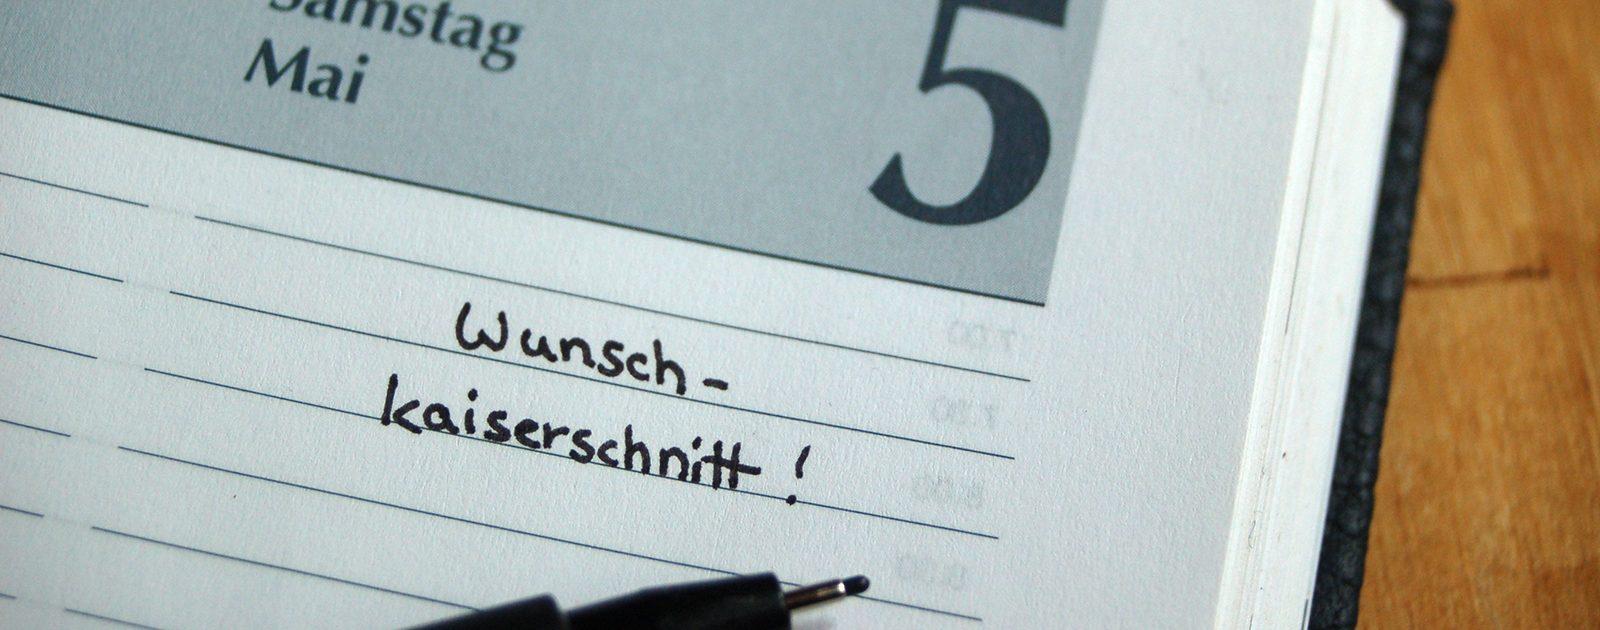 Terminkalender mit eingetragenem Termin für den Wunschkaiserschnitt.